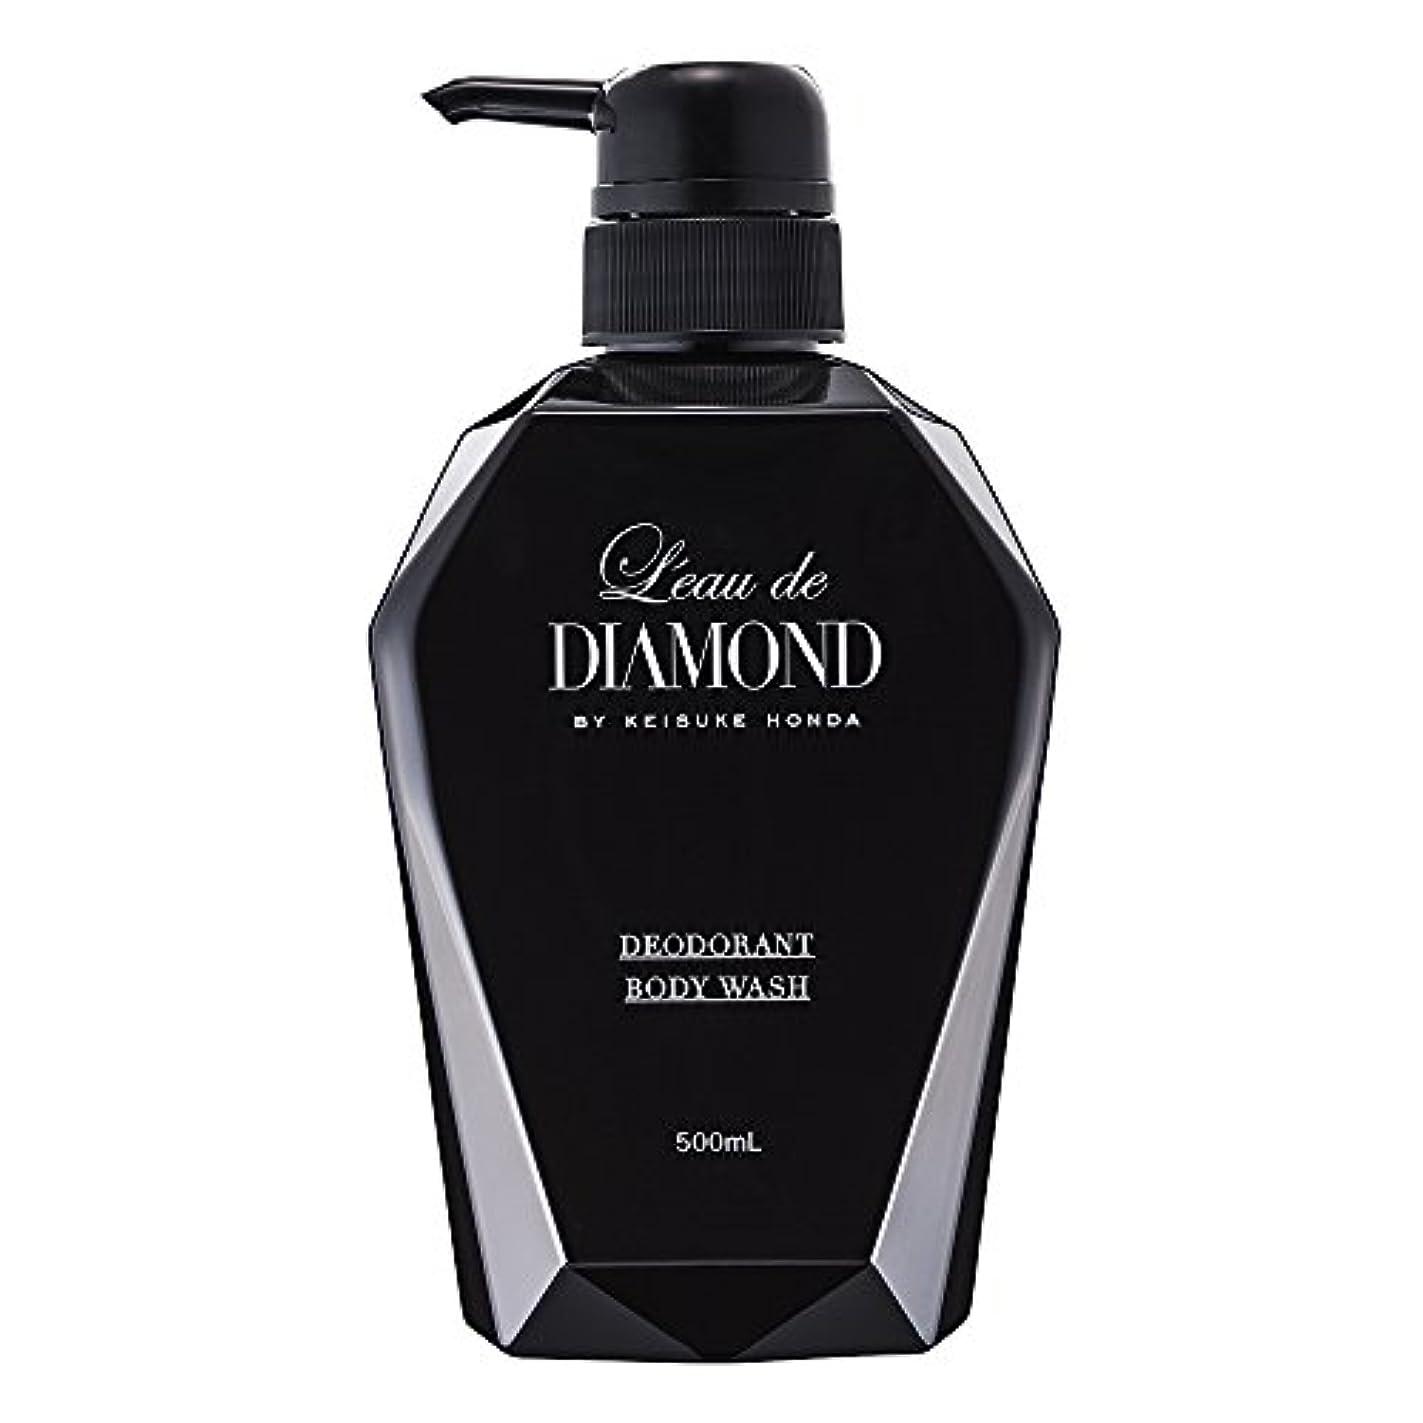 アンドリューハリディ圧力細分化するロードダイアモンド 薬用デオドラントボディウォッシュ 500ml